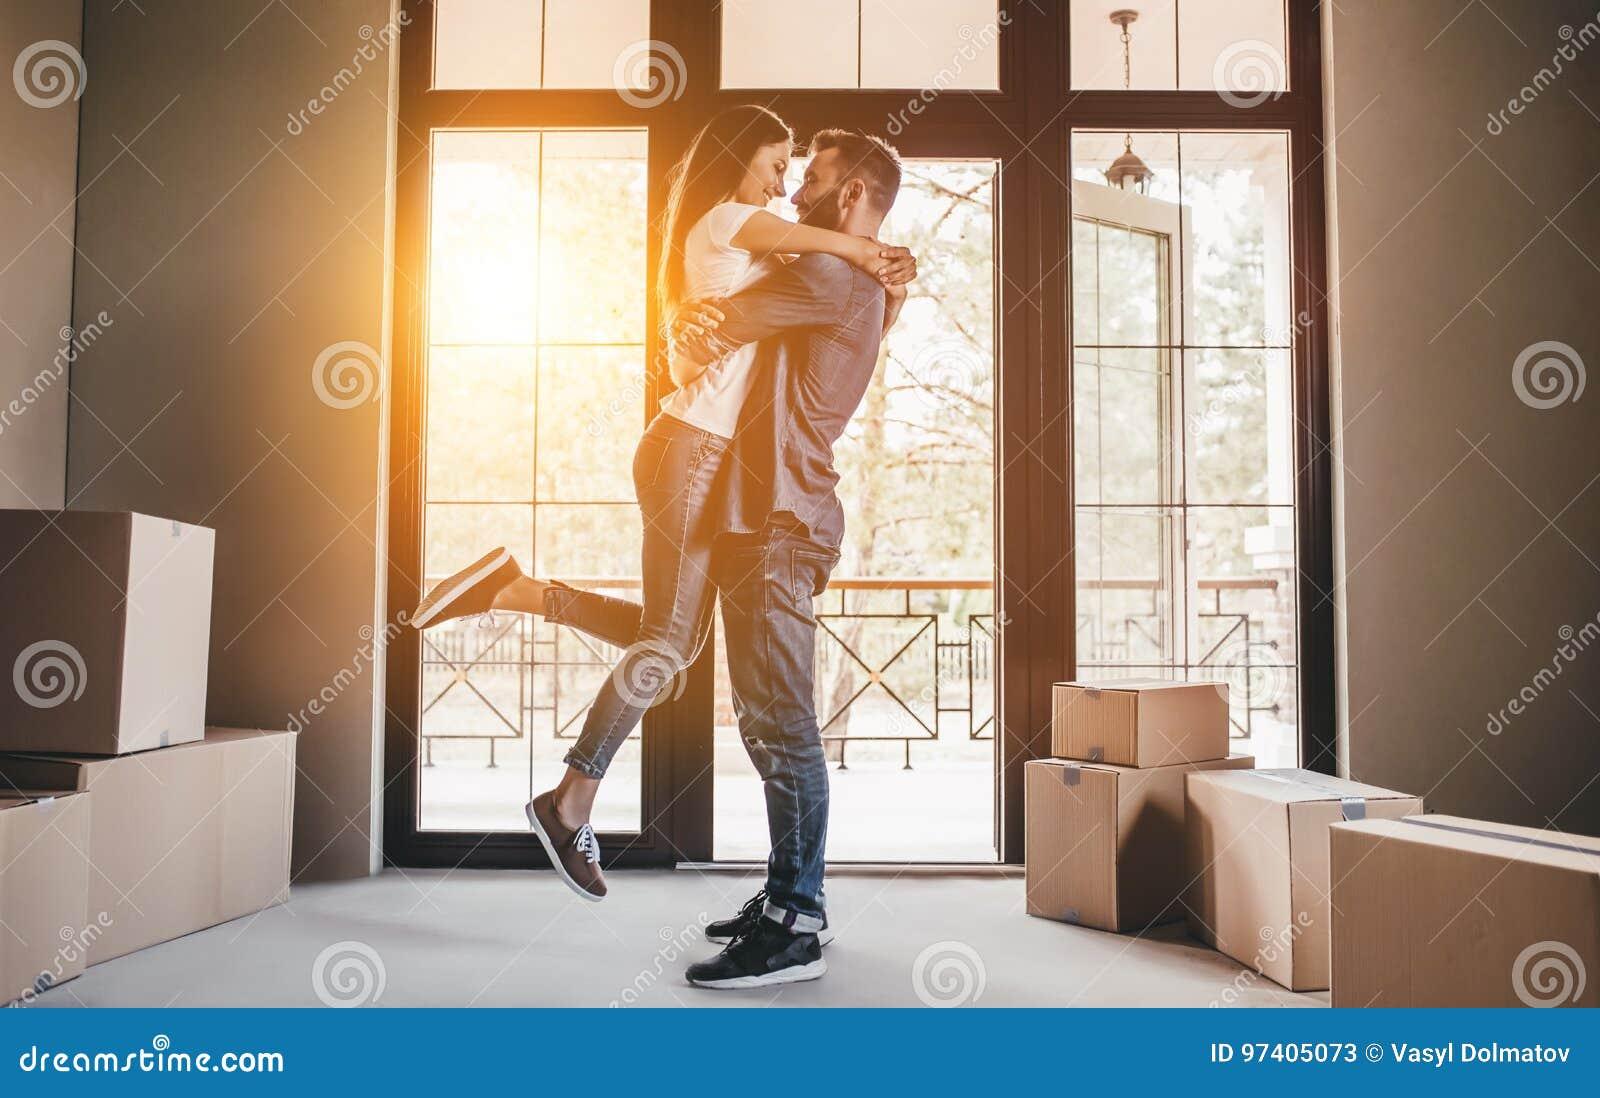 夫妇安置移动新